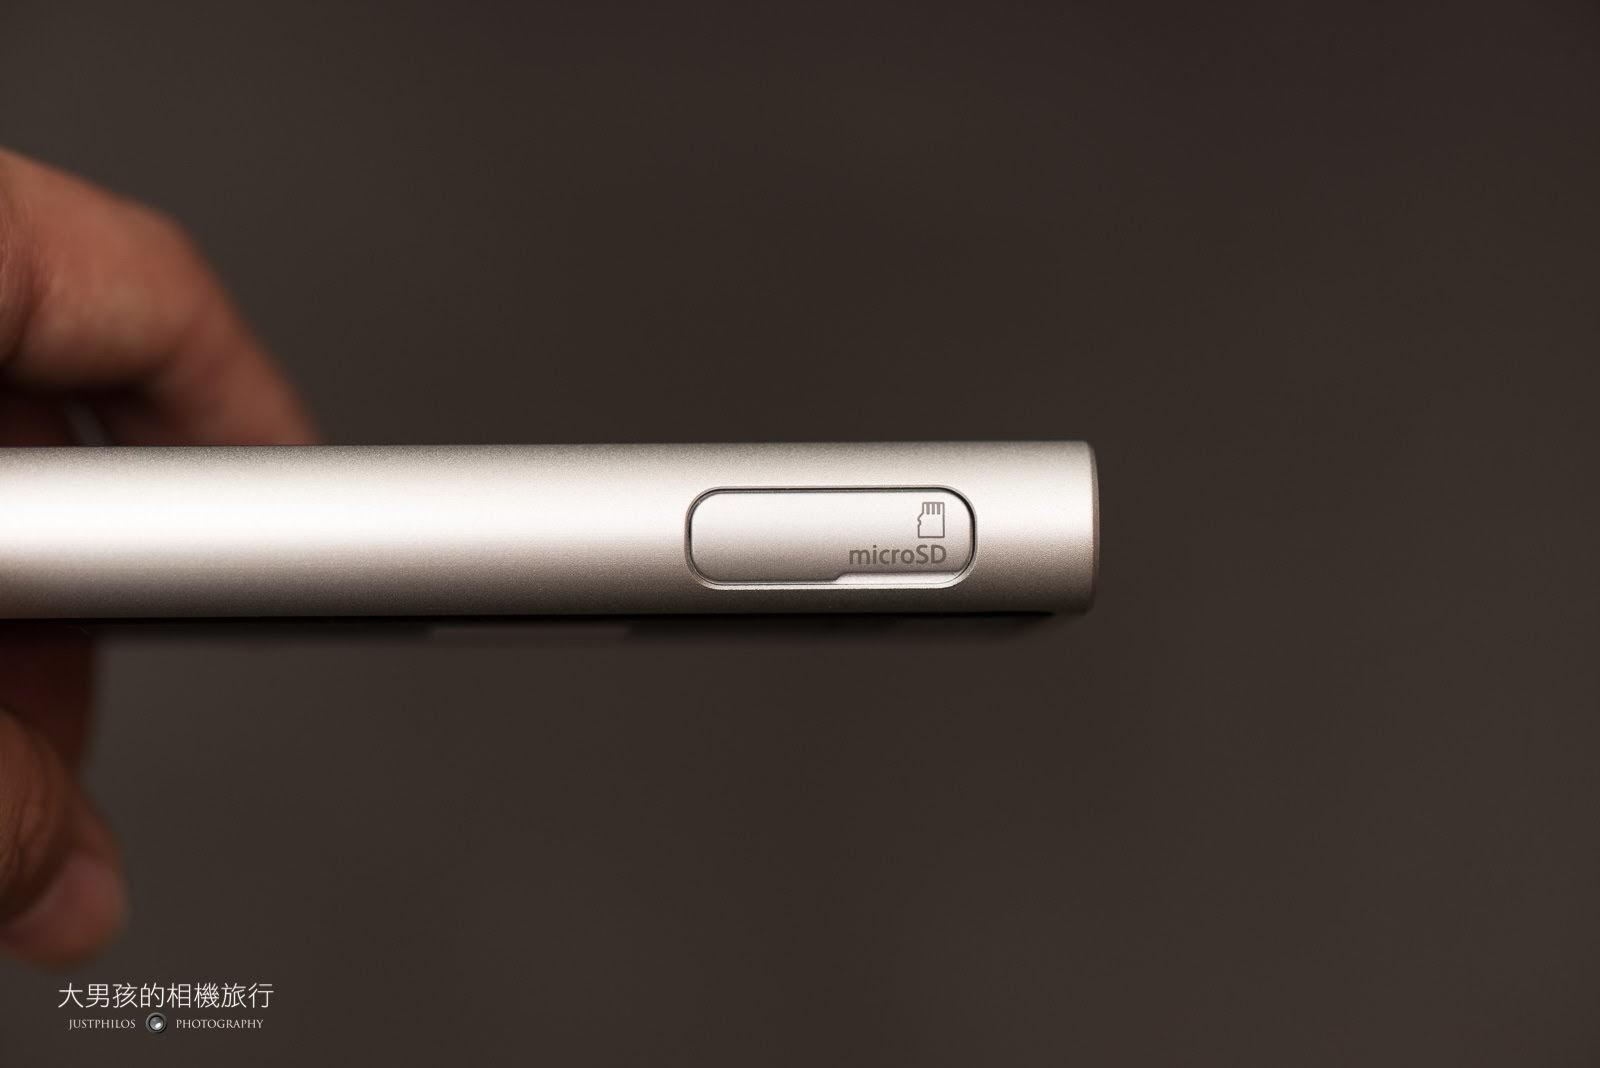 SONY NW-ZX300 HI-RES播放器|試聽心得分享